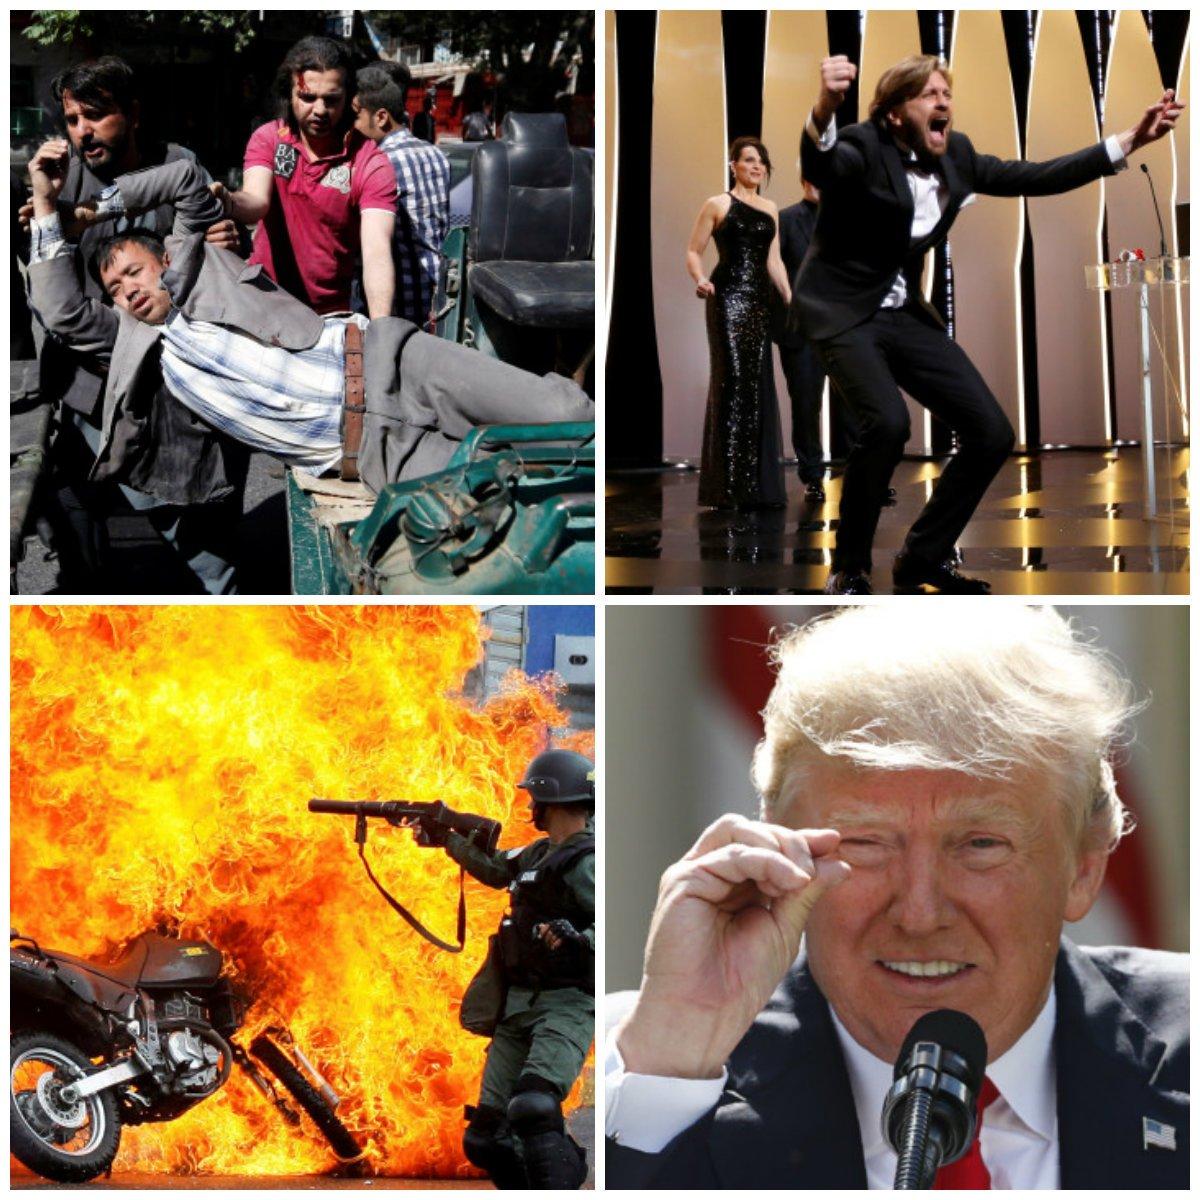 On vous raconte la semaine en images https://t.co/X3zeCYmntt #Trump #Poutine #fourmis Et plus!